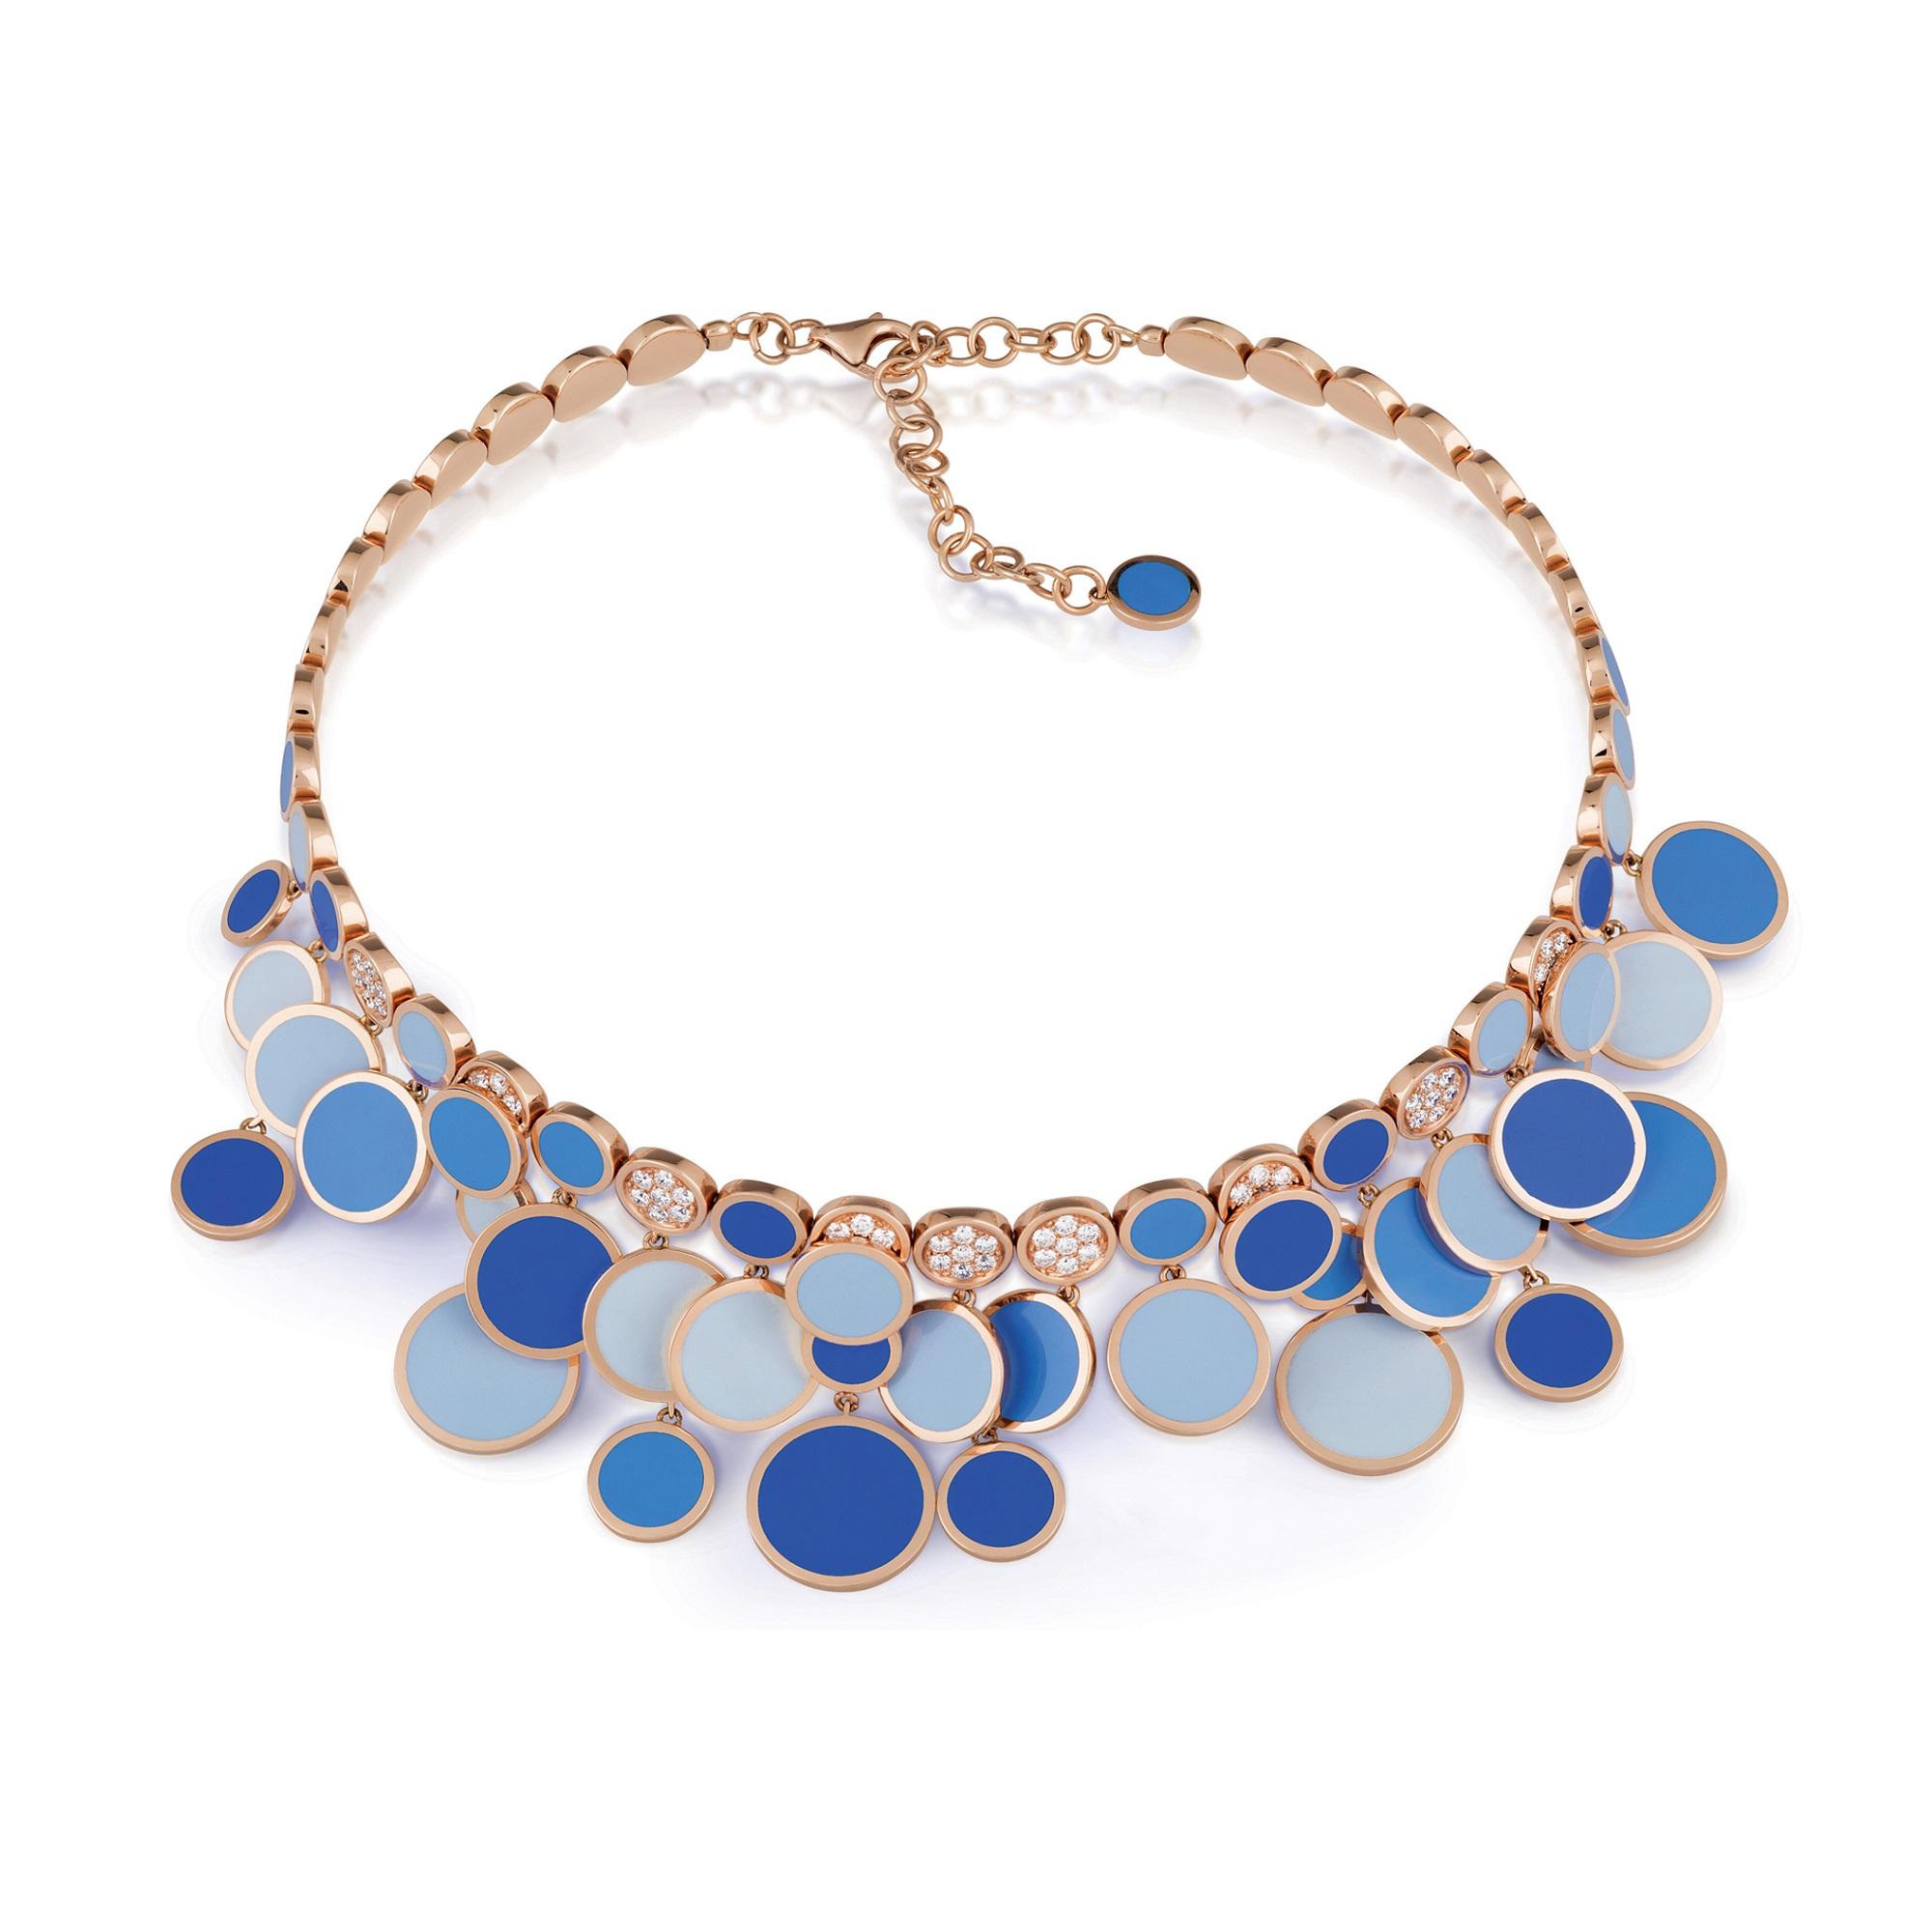 Chantecler Paillettes Collier aus Roségold mit blauem Emaille und Brillanten